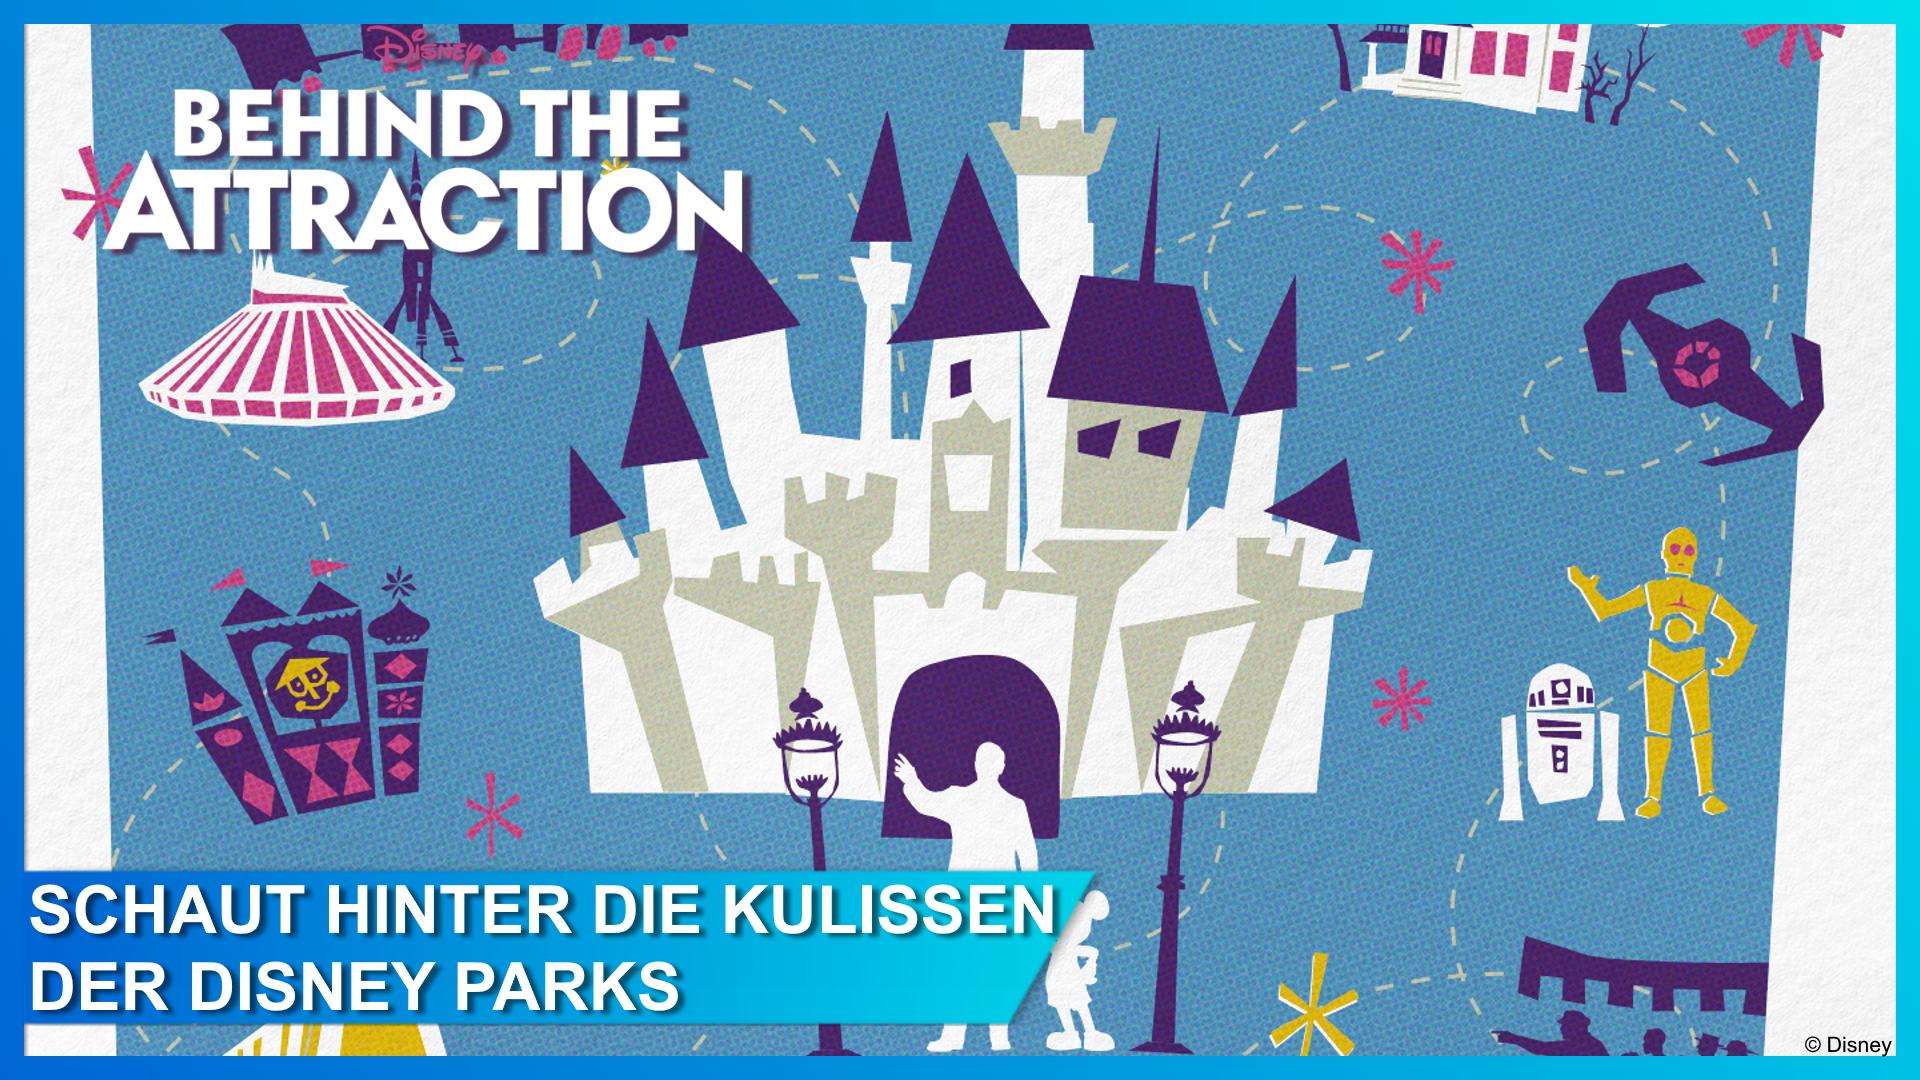 """Bald auf Disney+: """"Behind the Attraction"""" – Das Making of der beliebtesten Disneyland Attraktionen!"""